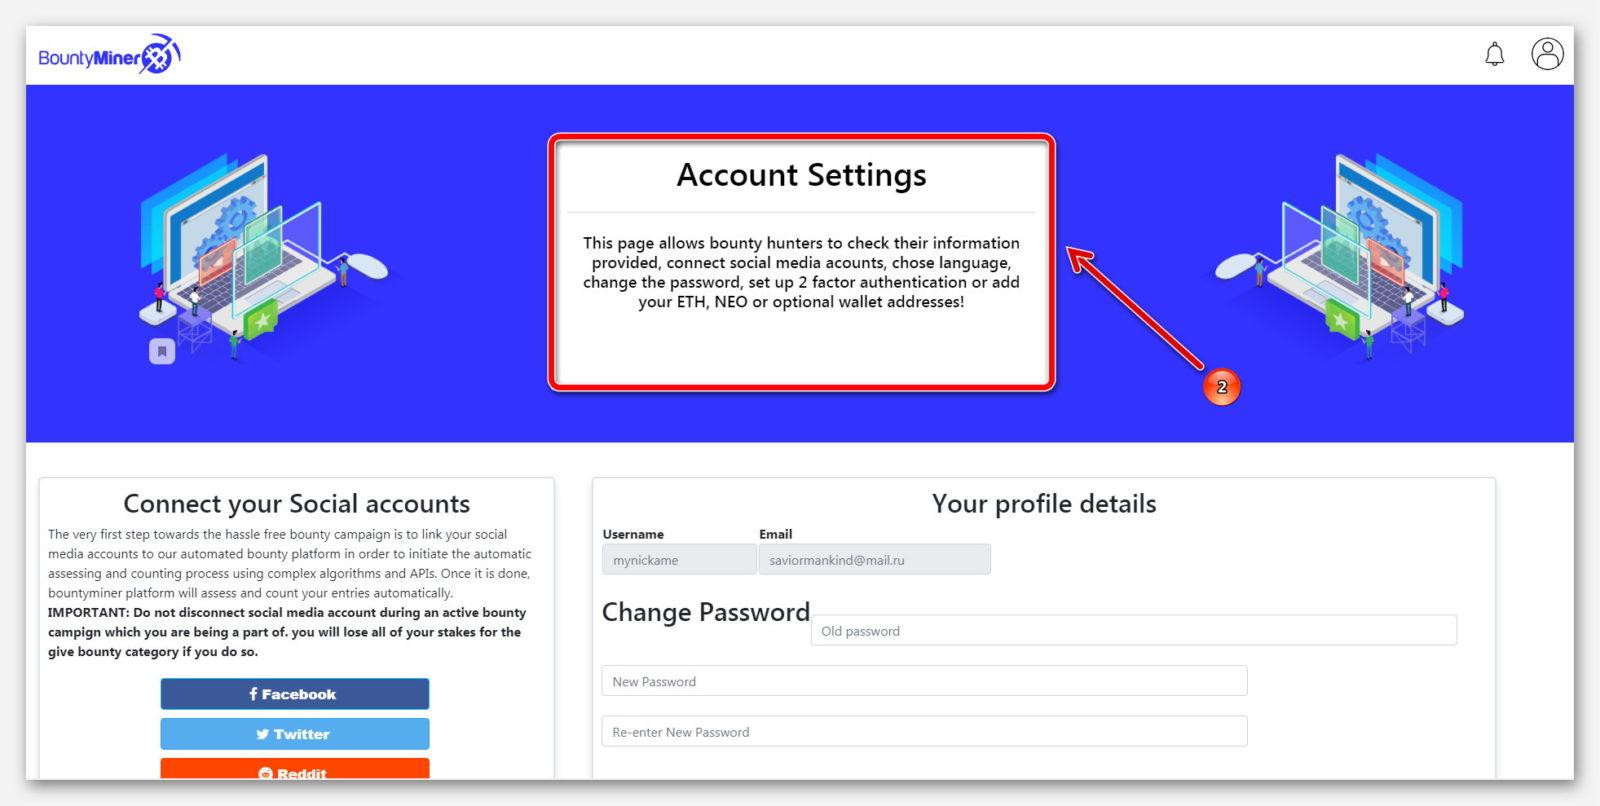 Советы по настройке аккаунта, на платформе BountyMiner